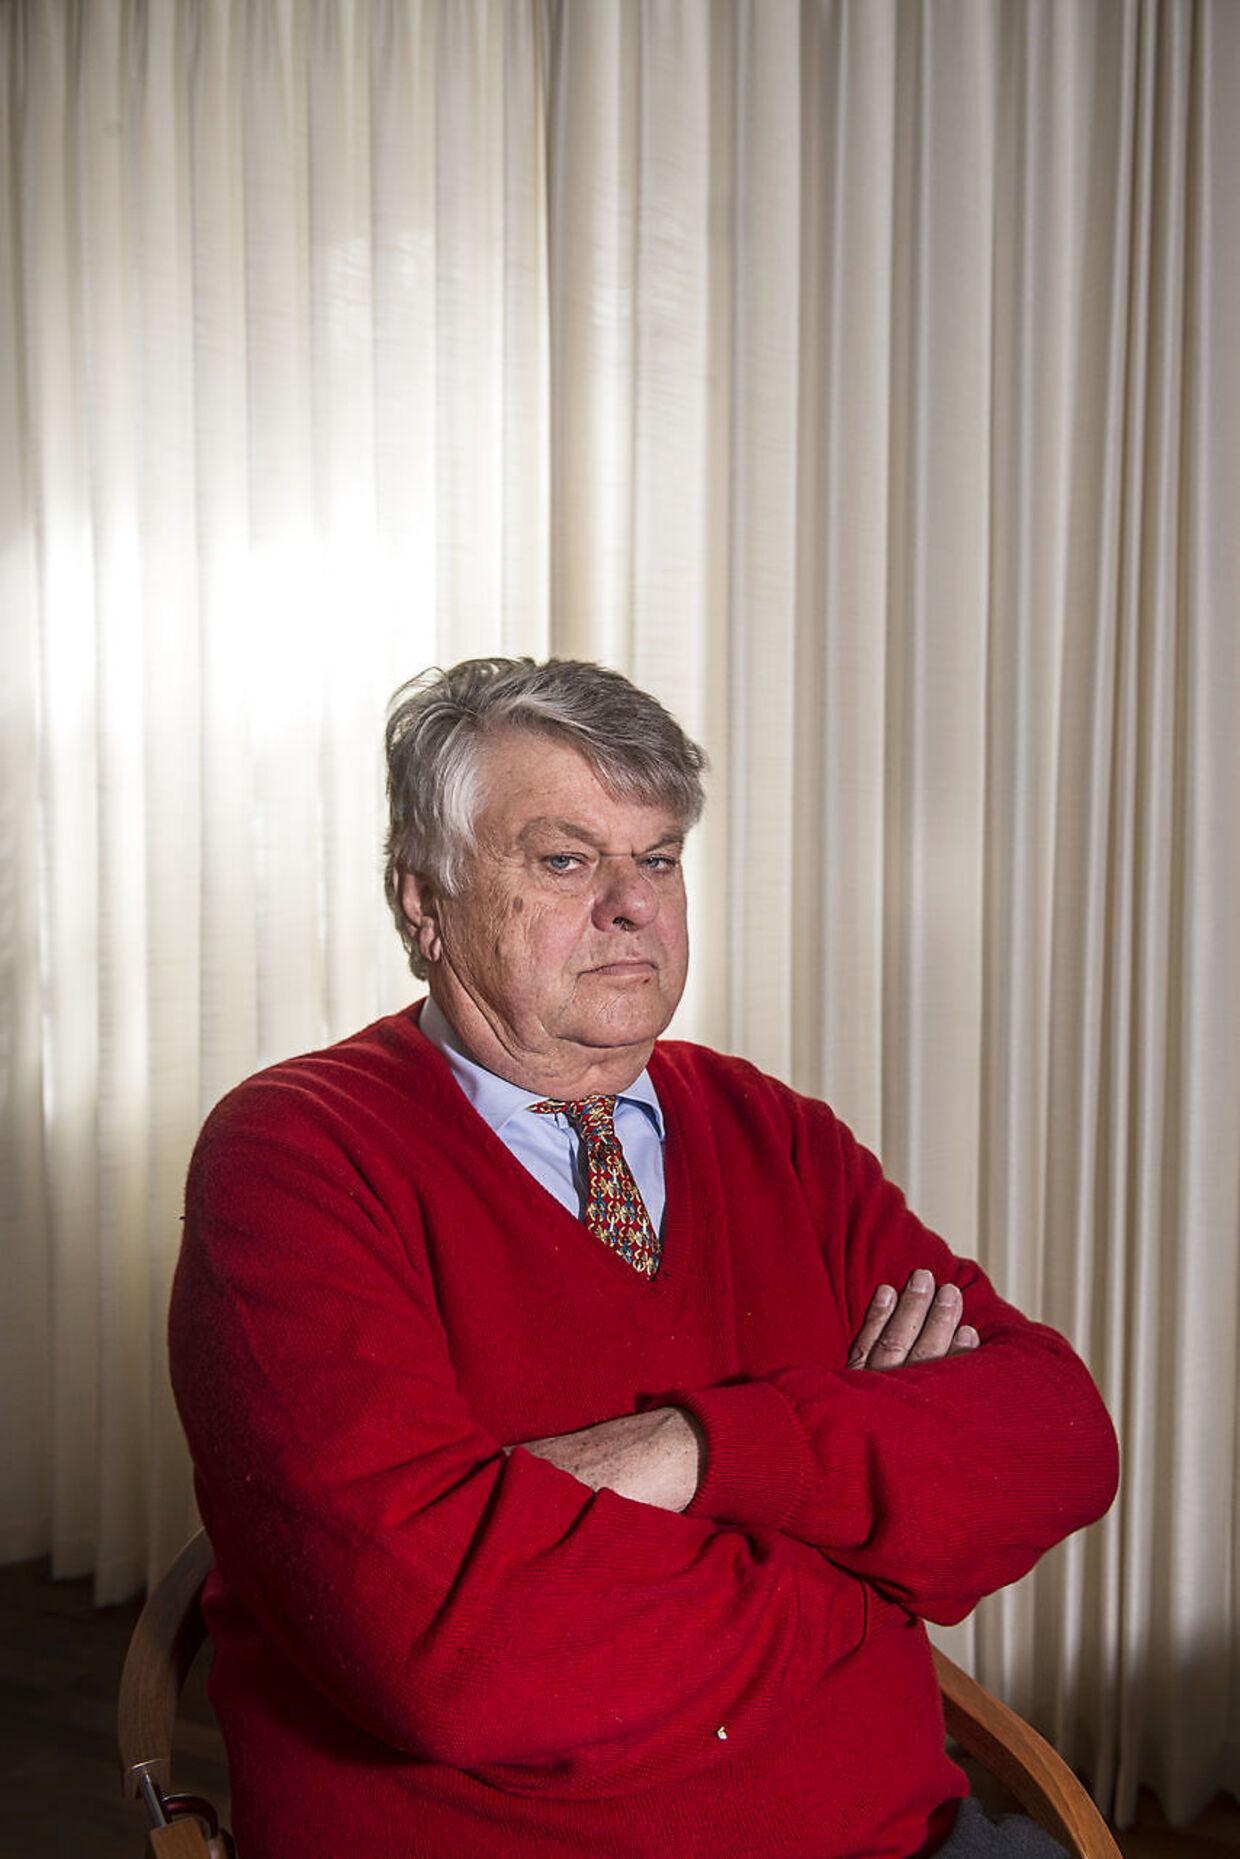 Den 75-årige advokat og rigmand Christian Kjær er medejer af cementkoncernen FLSmidth & Co. A/S. Arkivfoto.